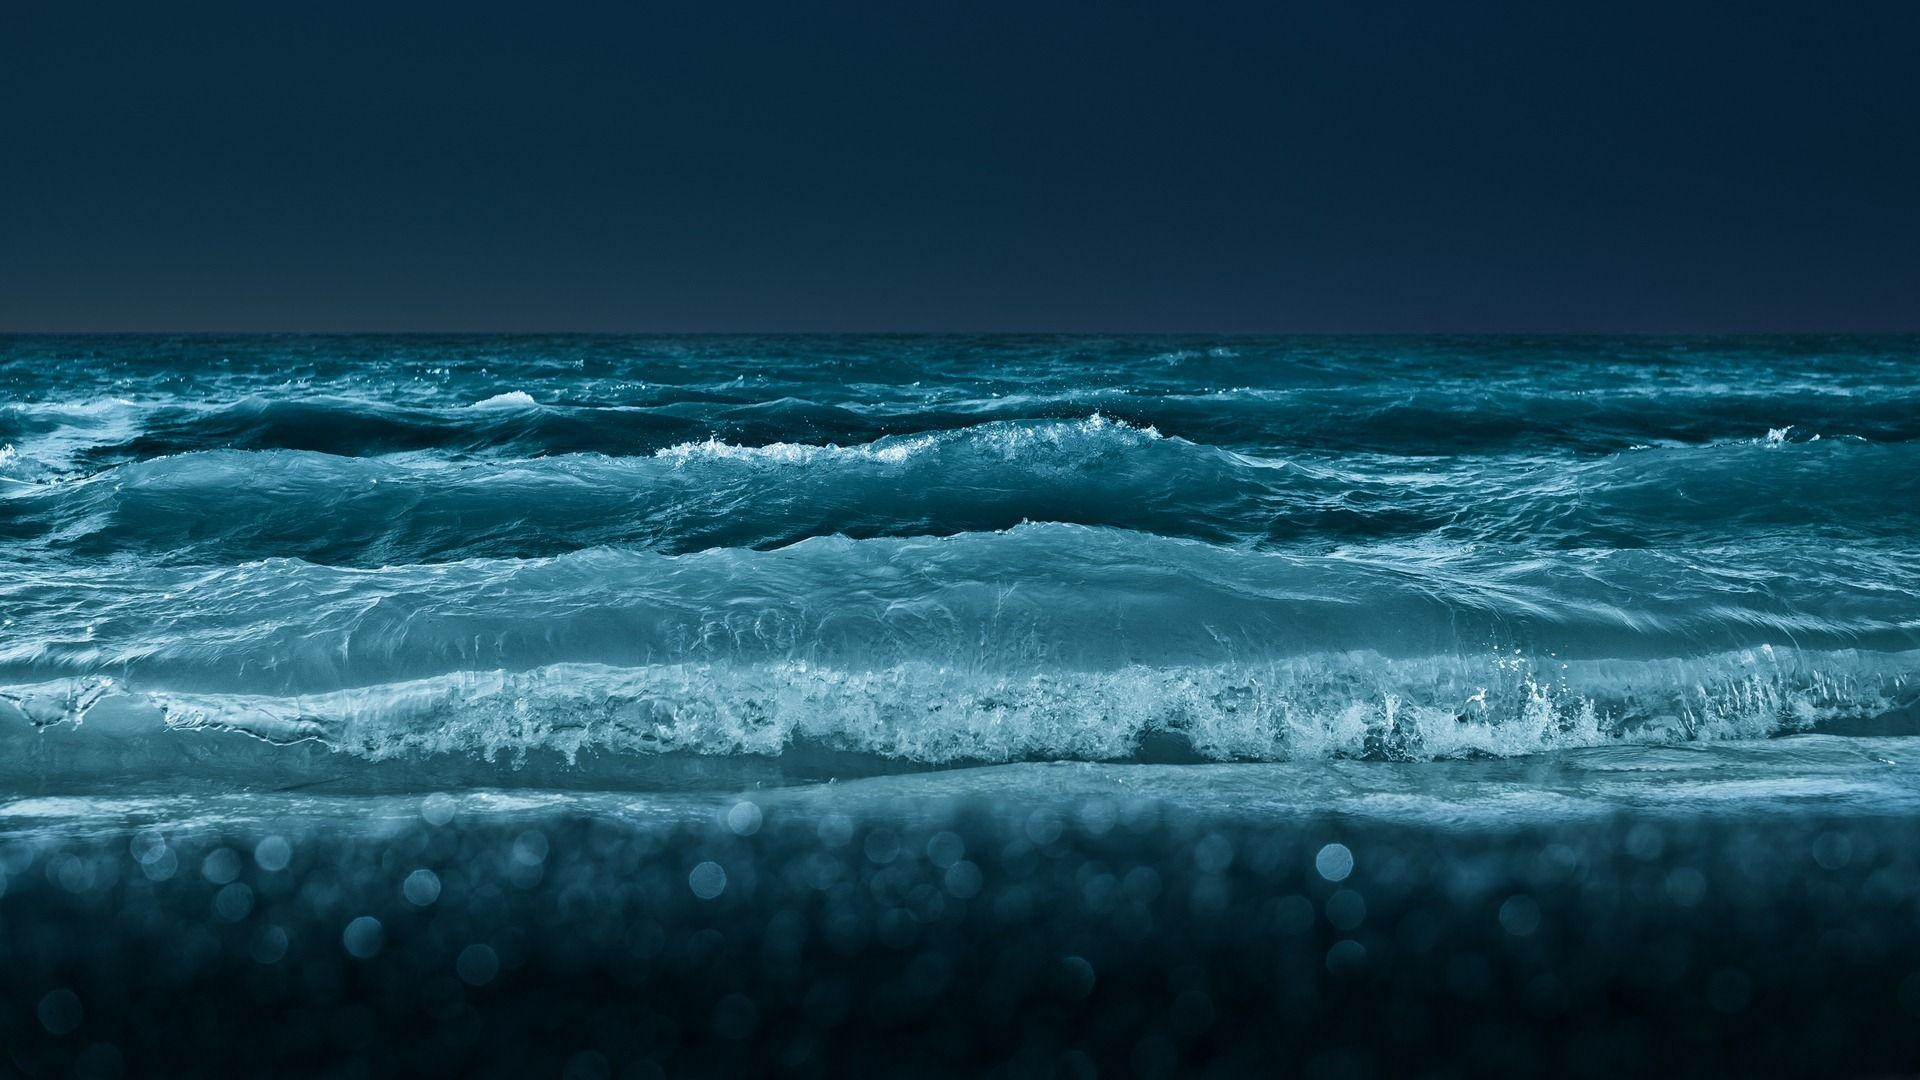 Ocean Desktop Wallpaper (67+ images)